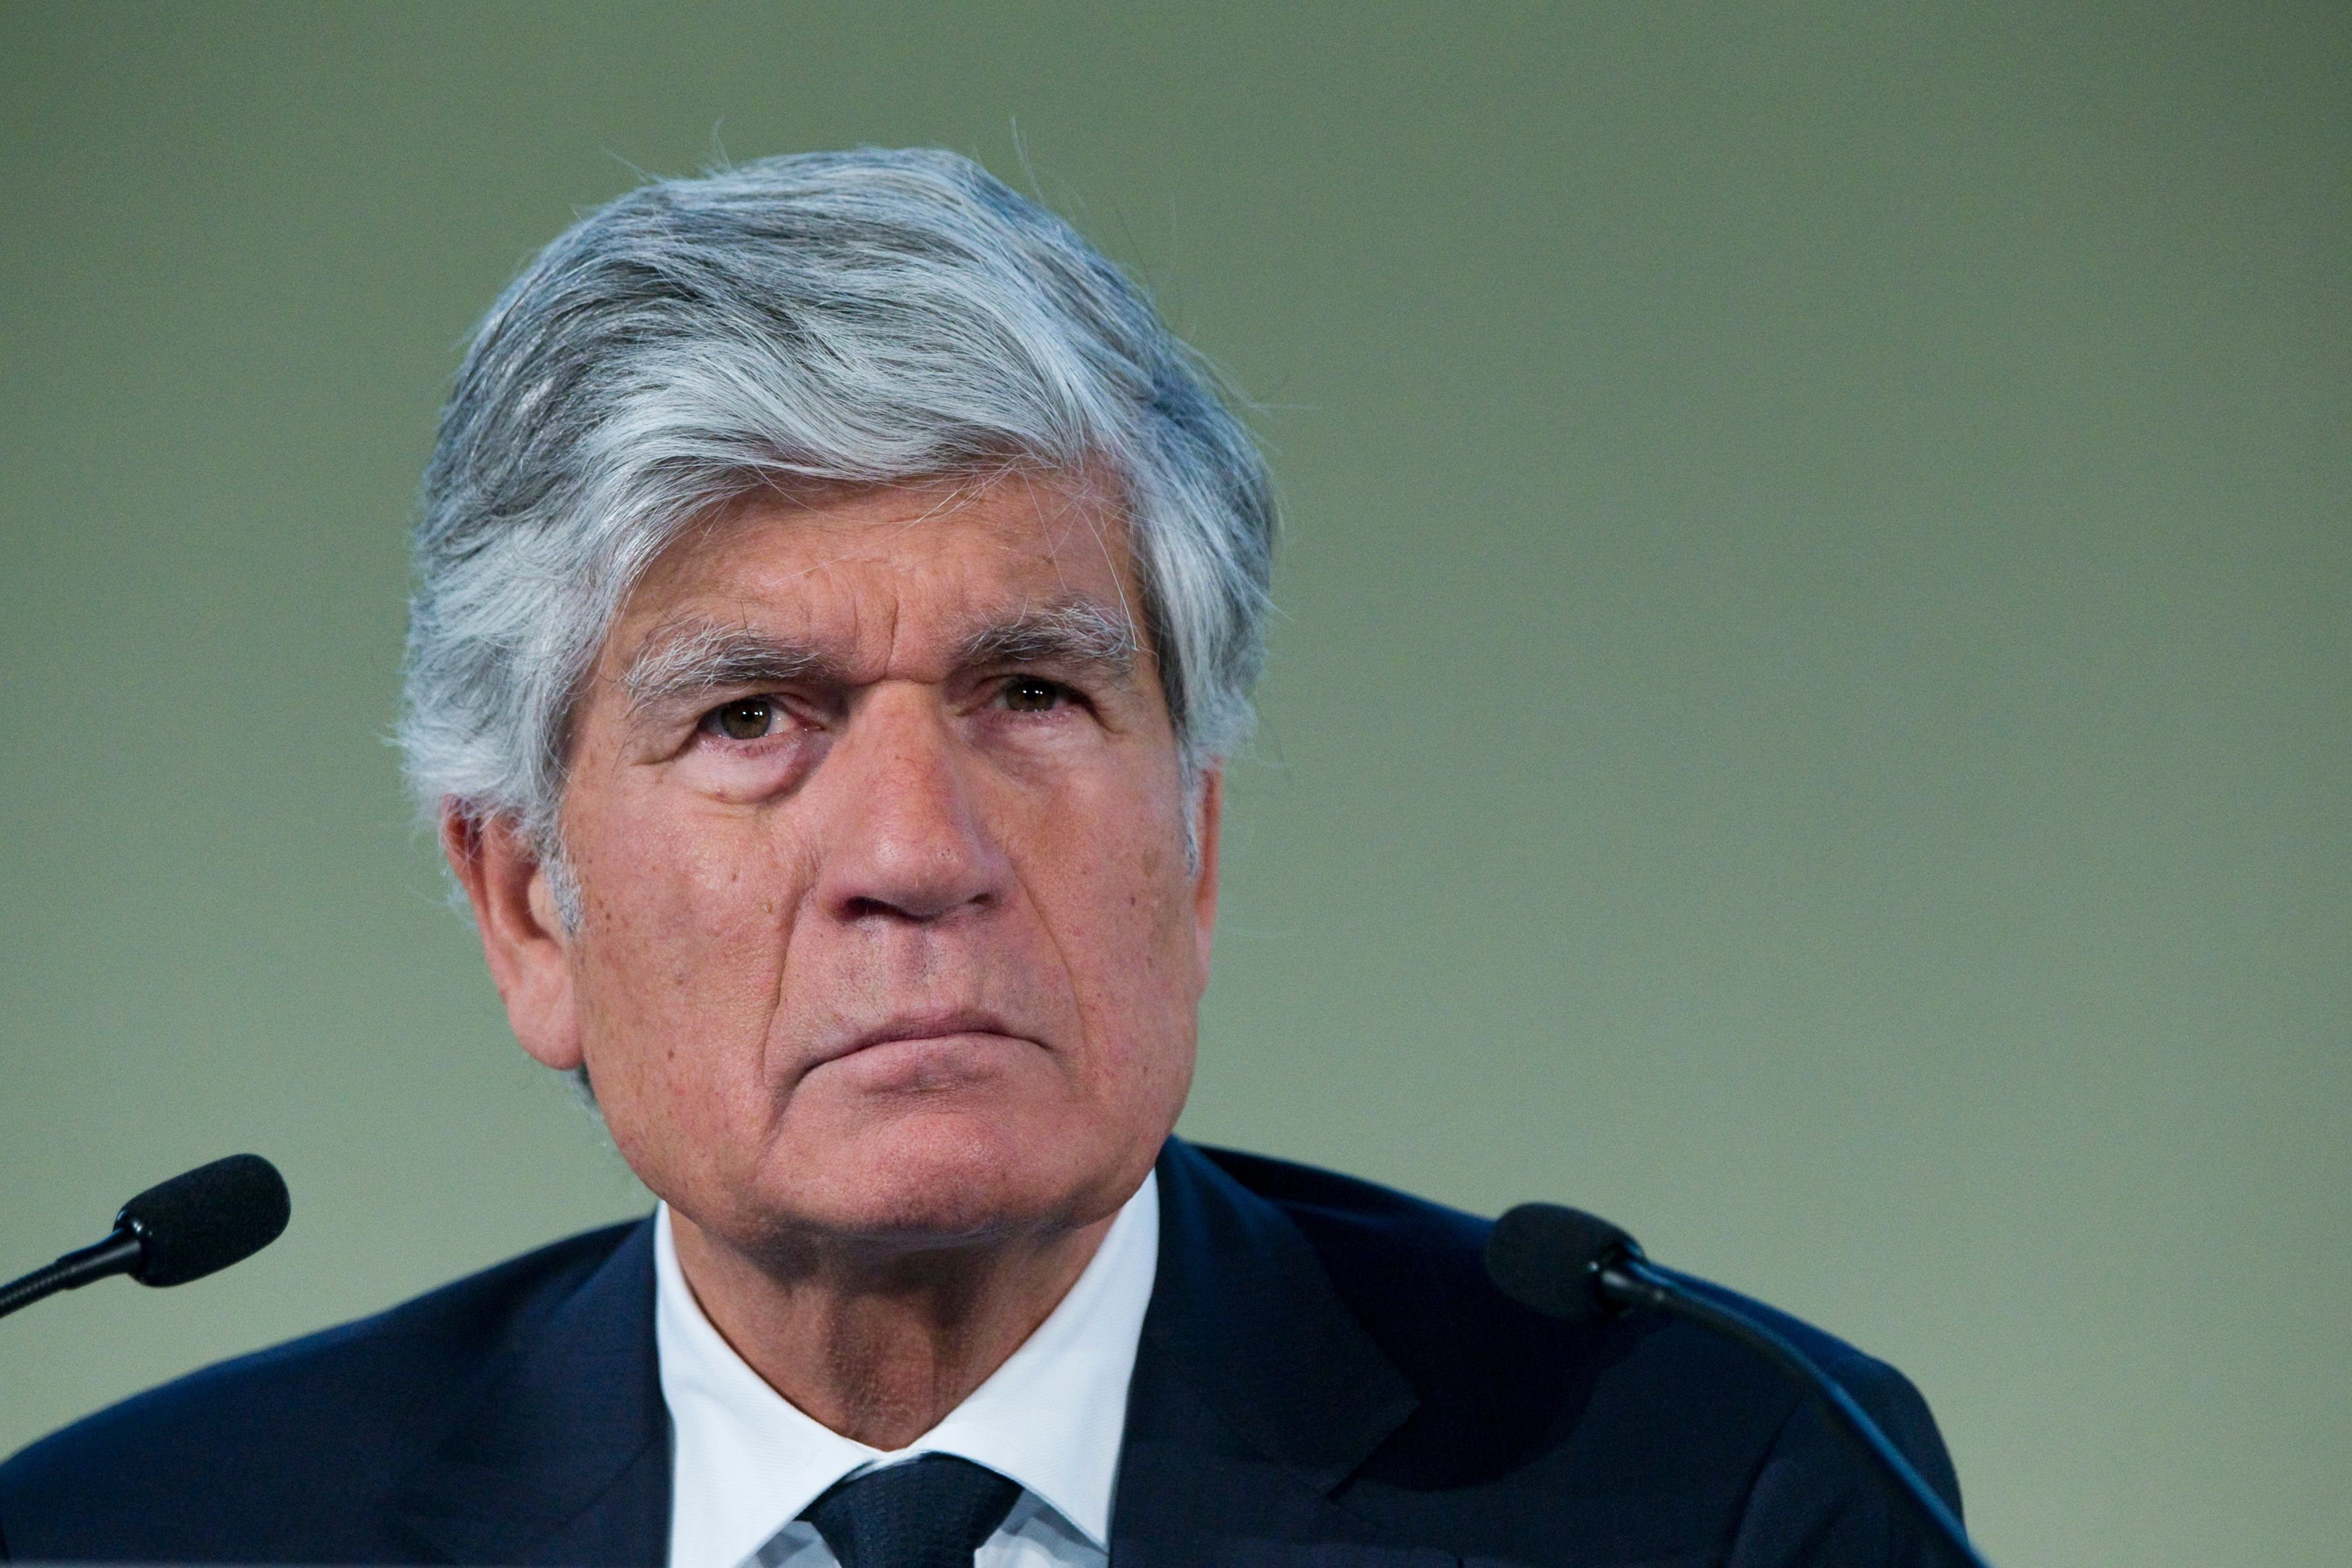 Maurice Lévy le patron de Publicis.